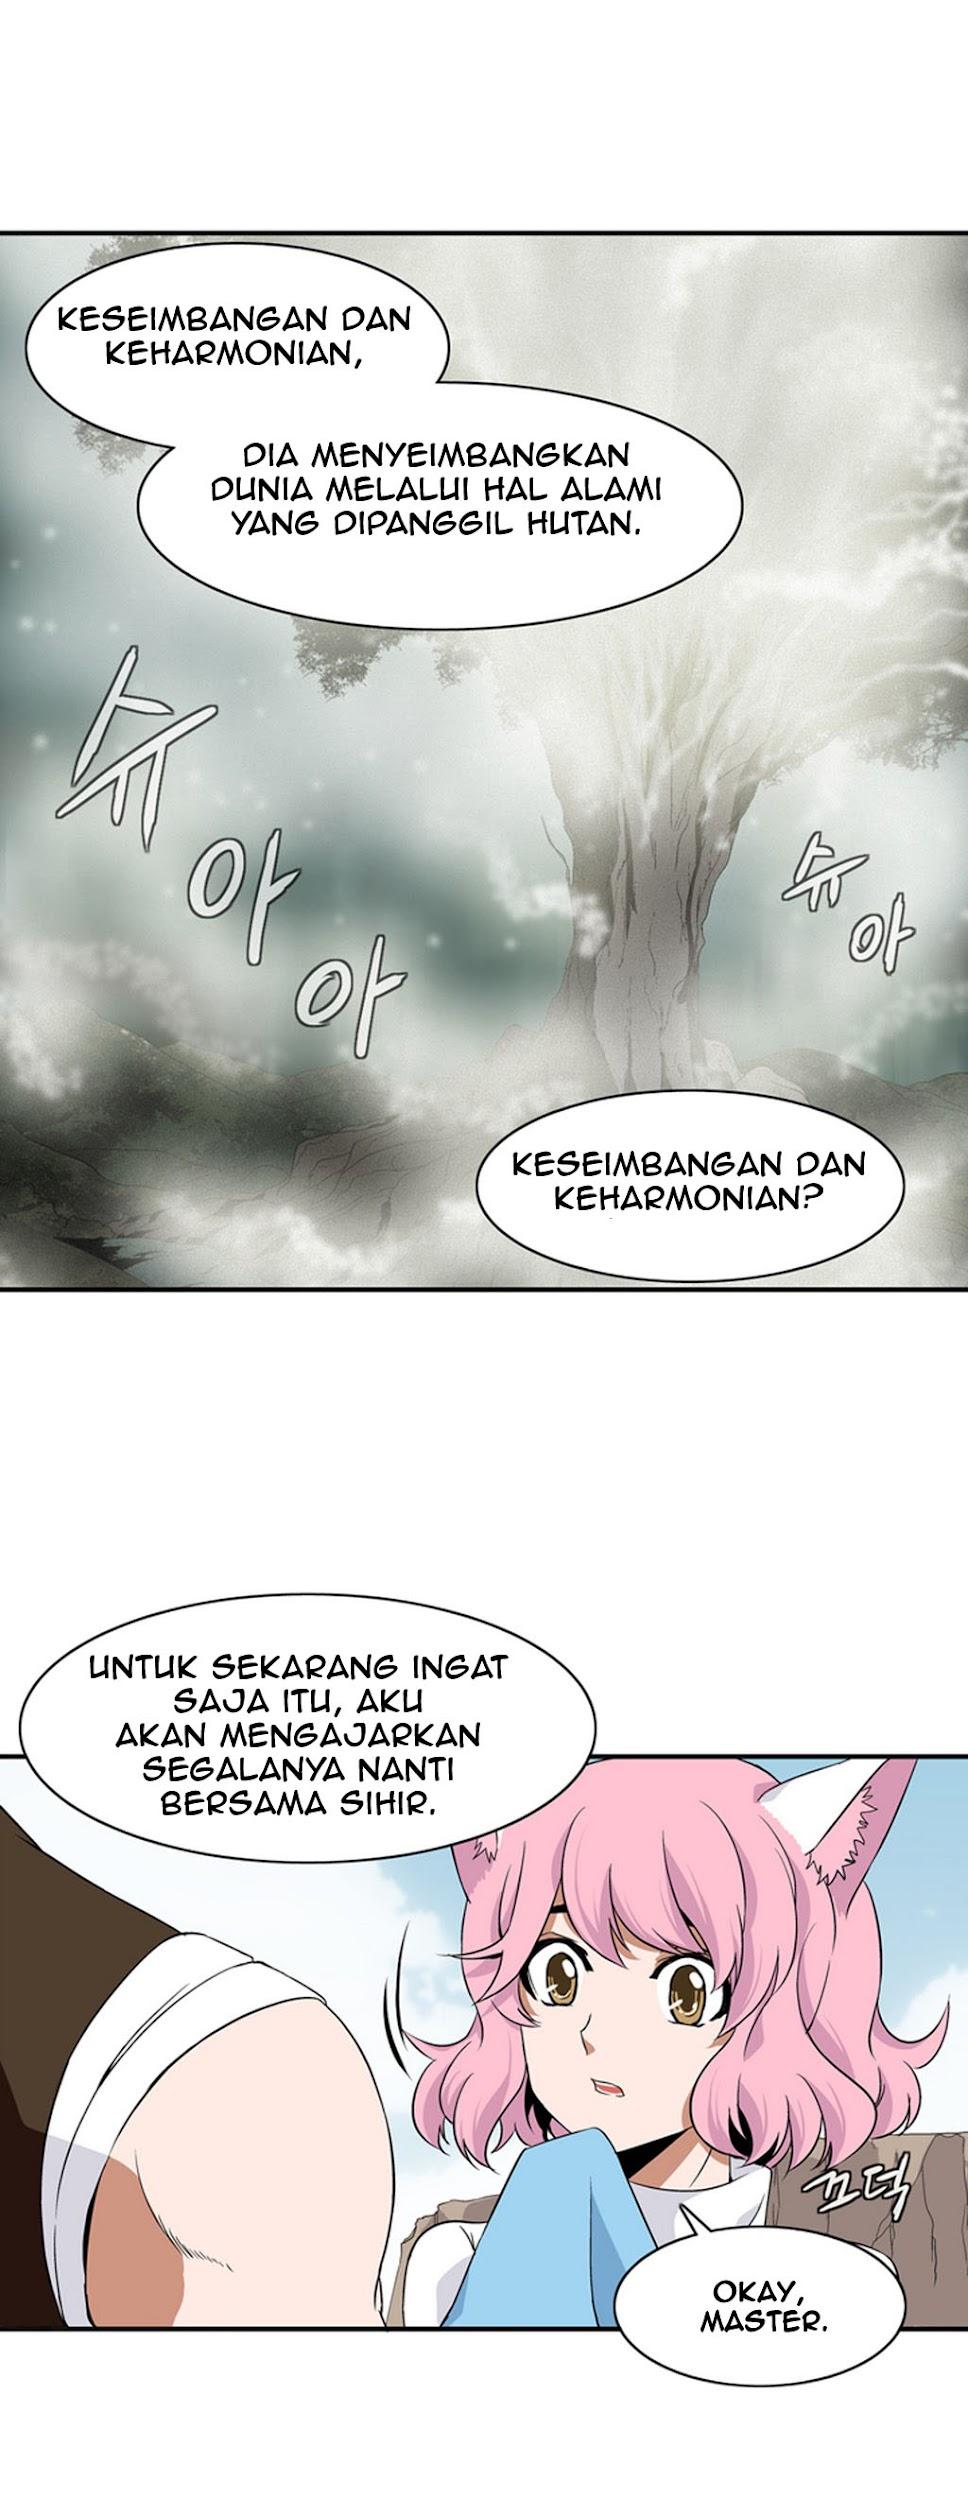 Dilarang COPAS - situs resmi www.mangacanblog.com - Komik wizardly tower 009 - chapter 9 10 Indonesia wizardly tower 009 - chapter 9 Terbaru 8 Baca Manga Komik Indonesia Mangacan